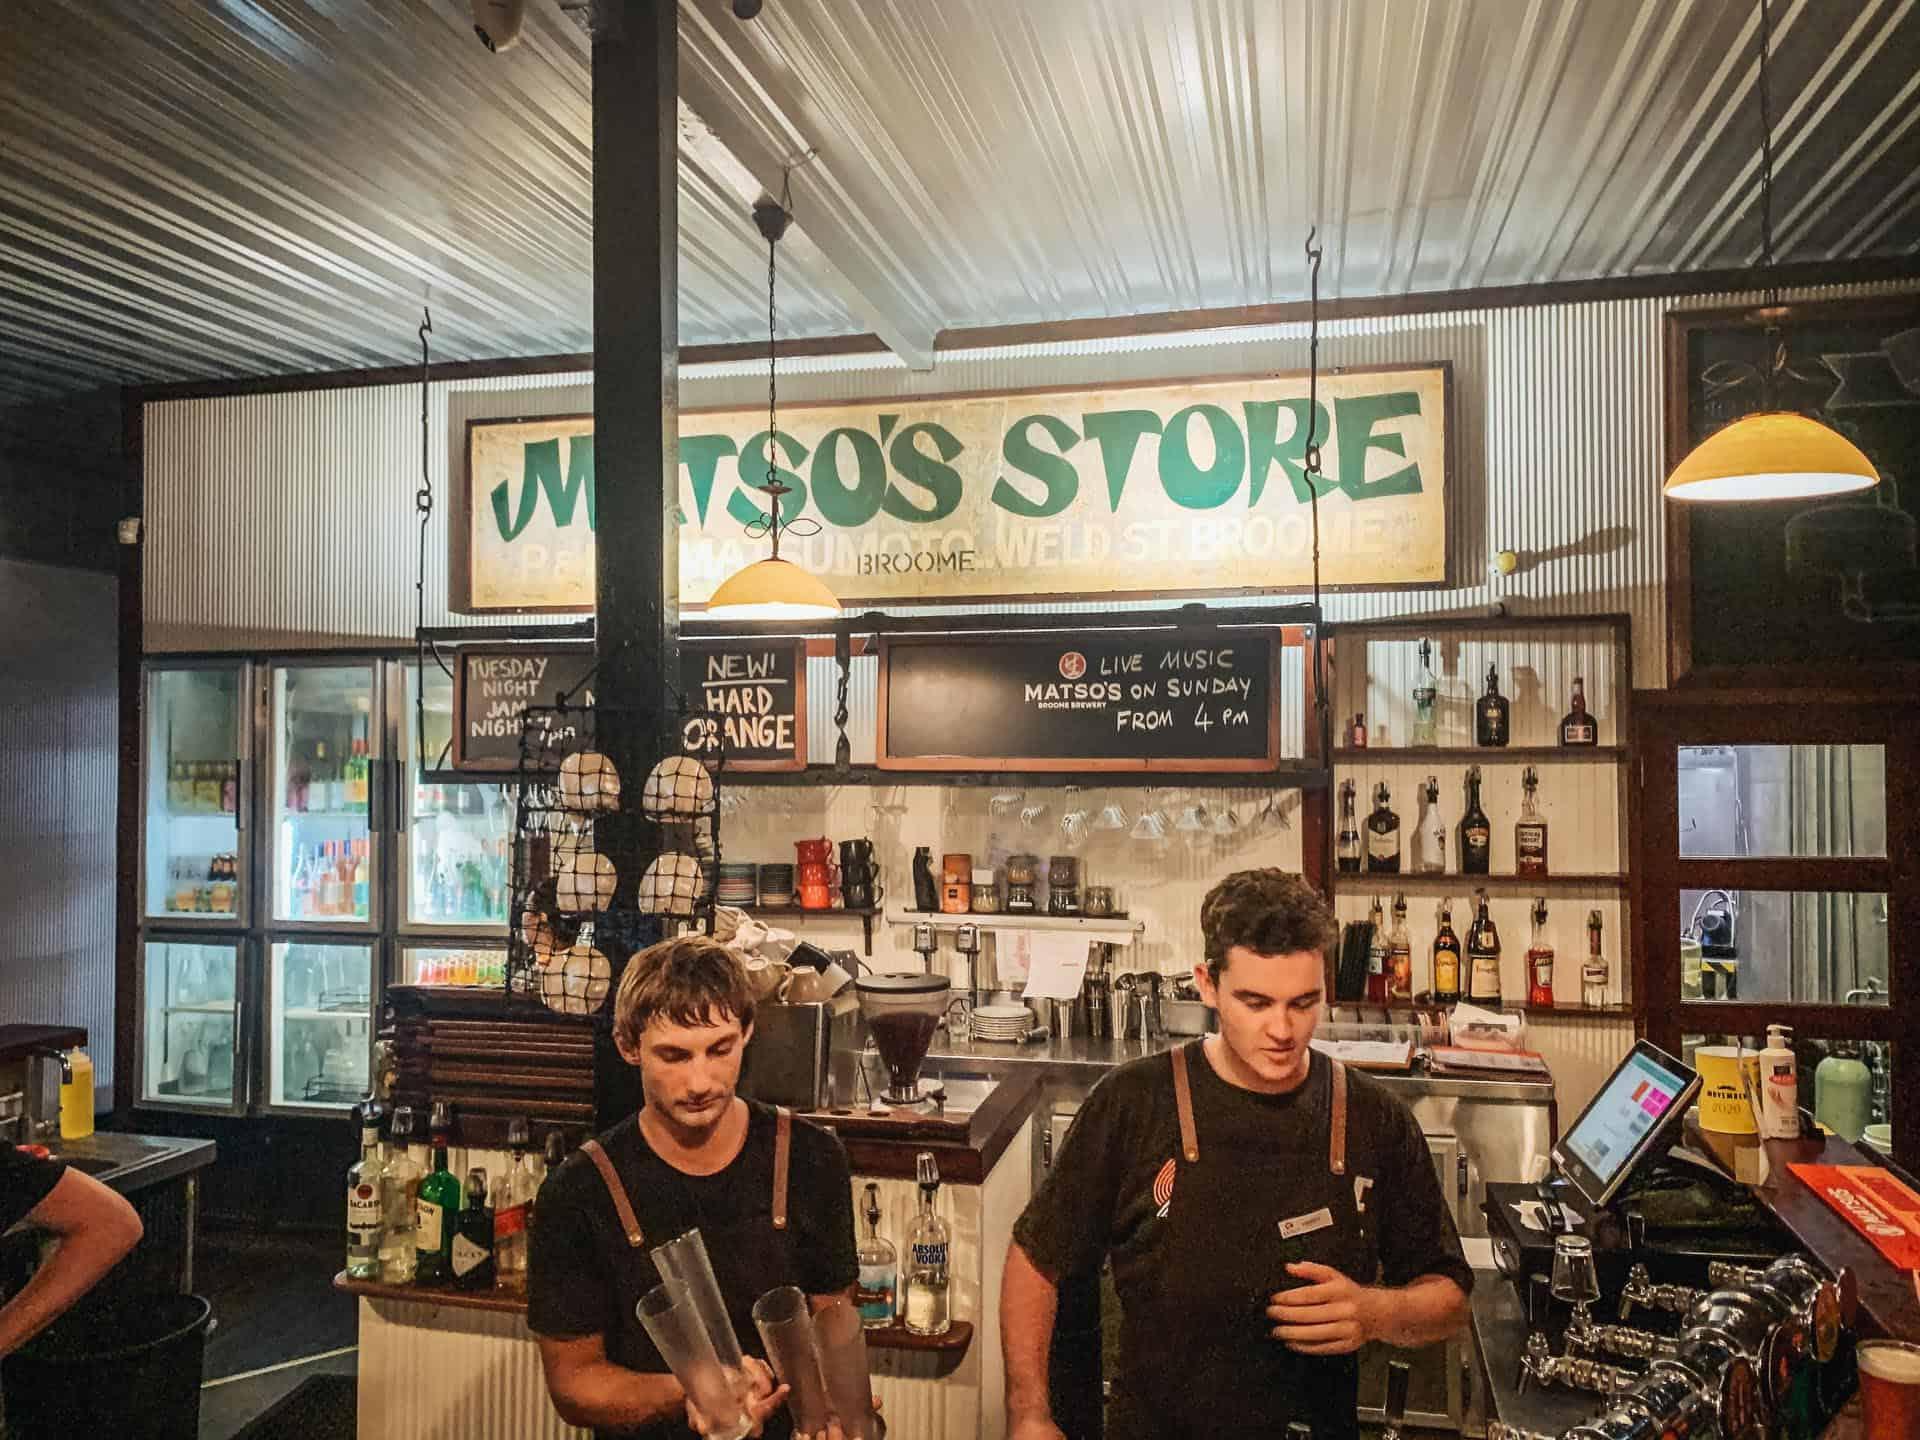 broome, broome wa, things to do in broome, broome things to do, matso's brewery, matso's broome brewery